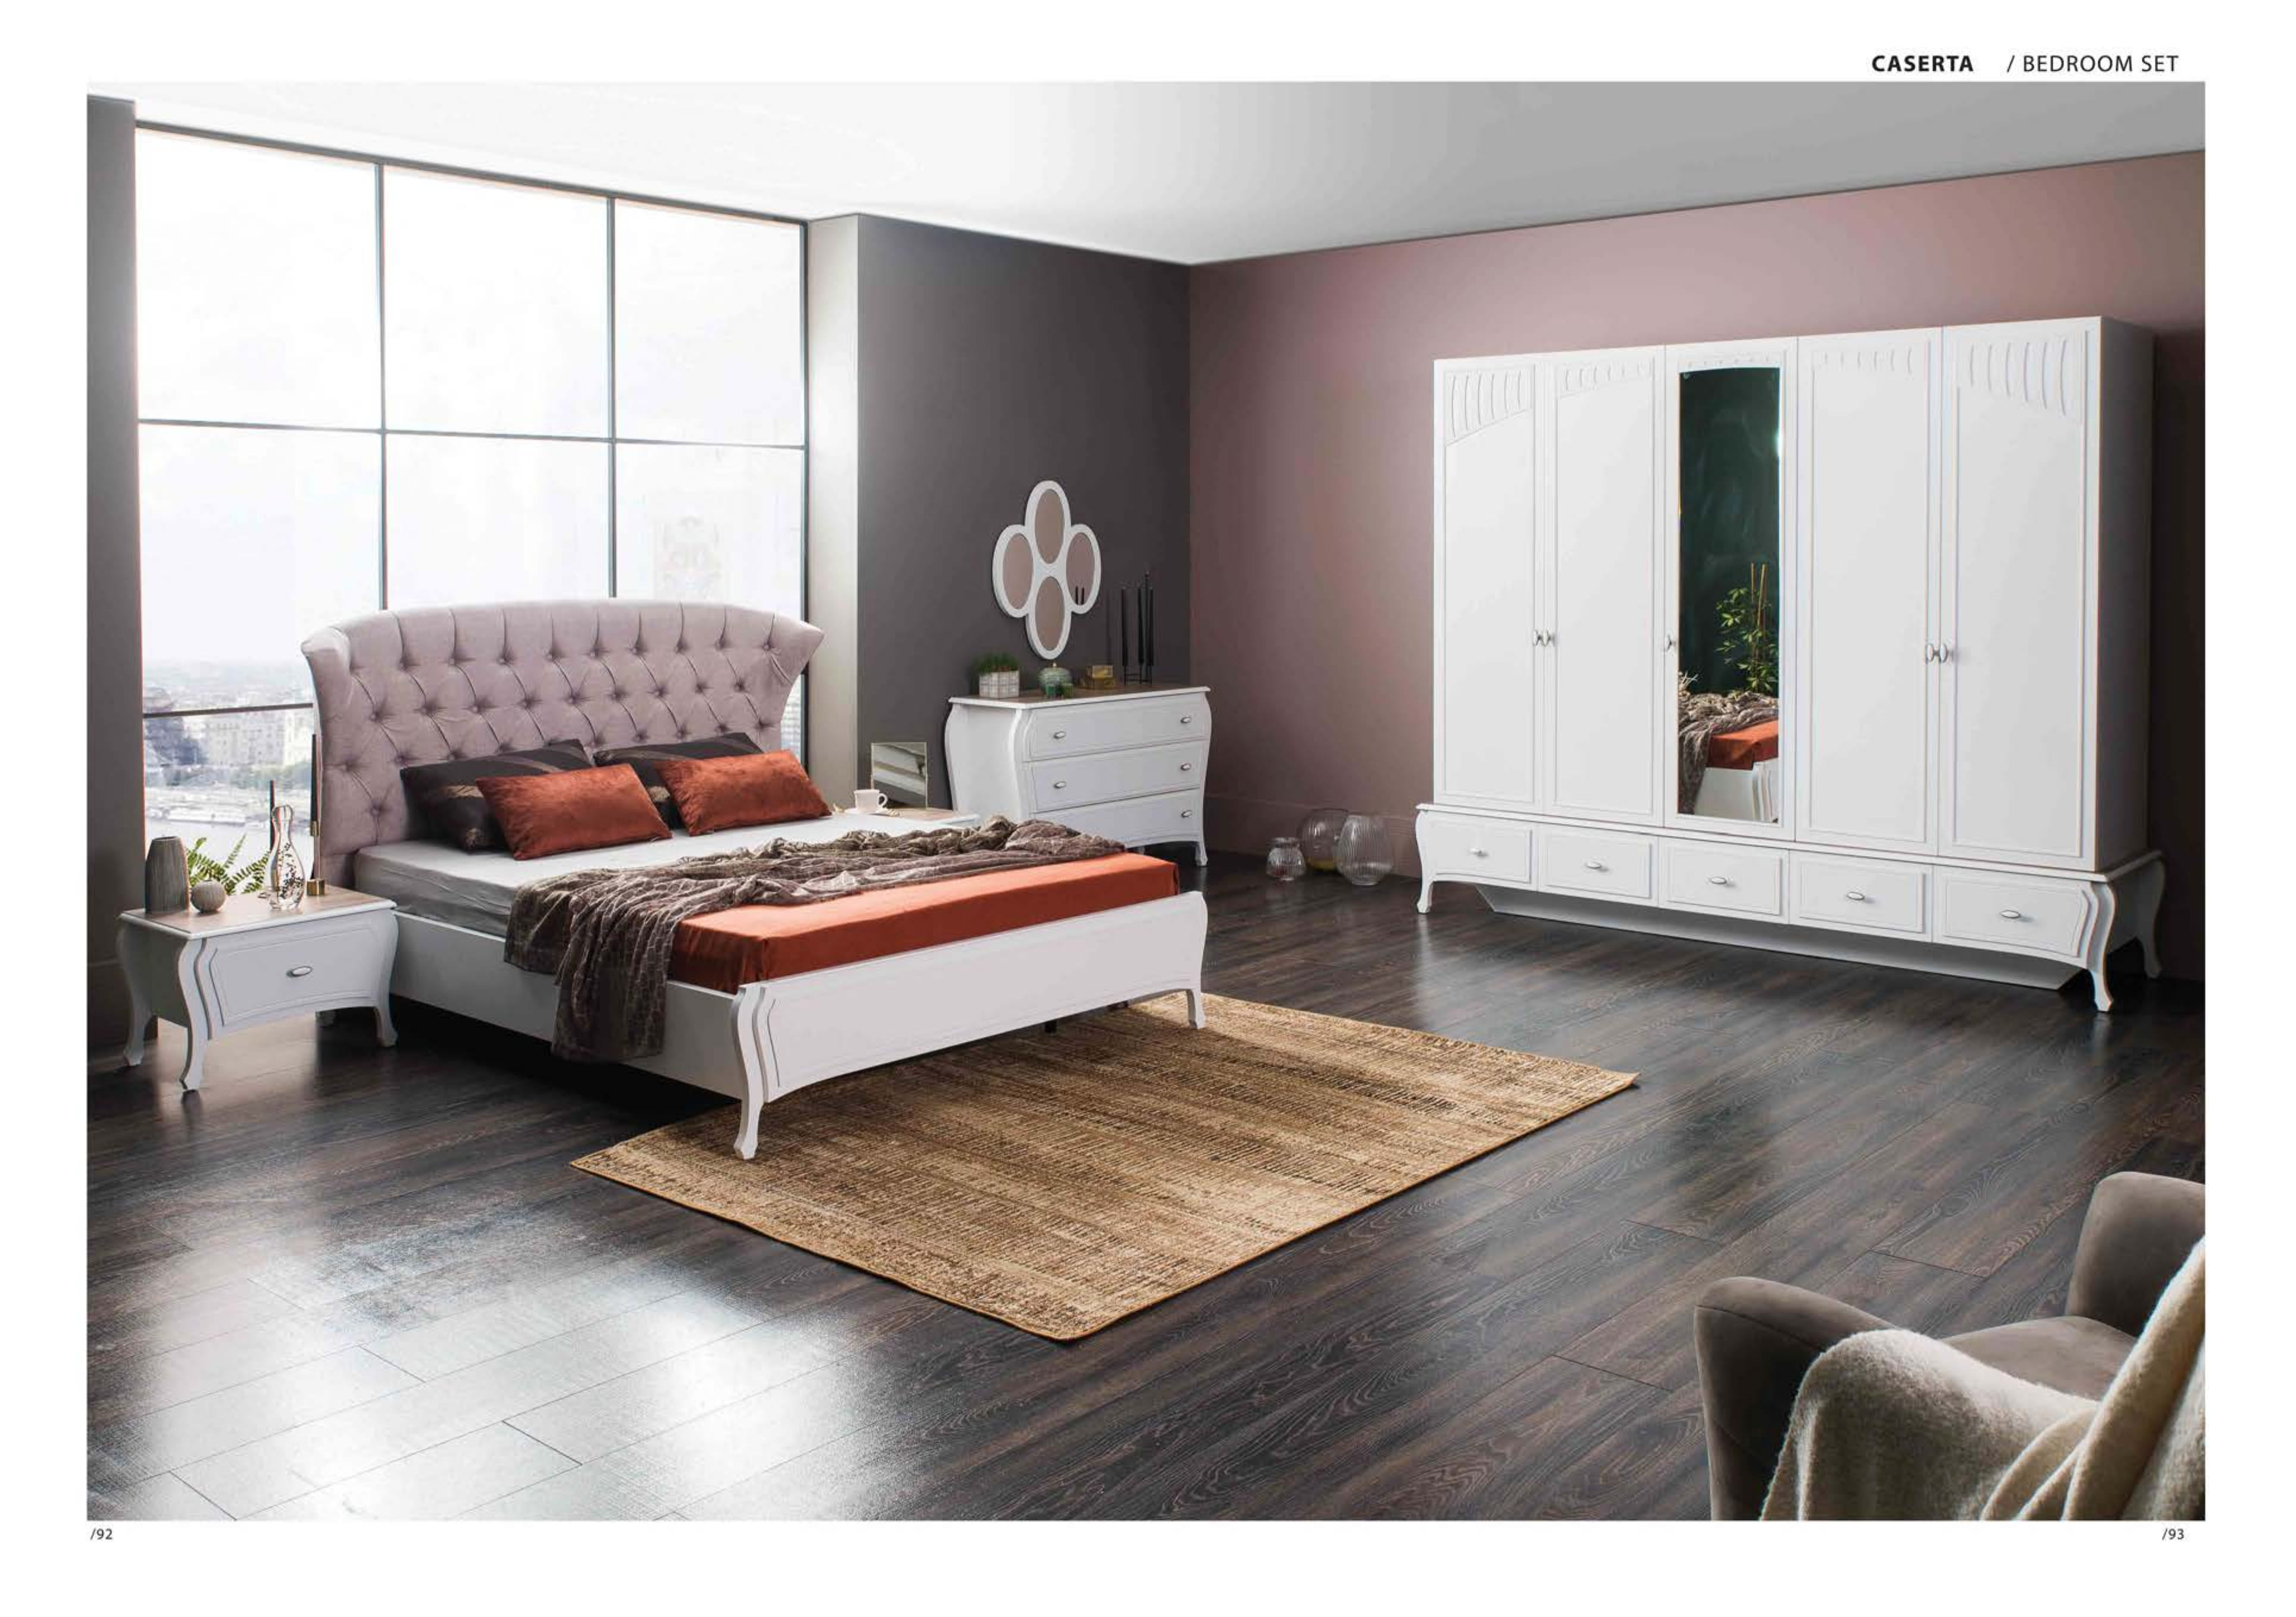 Caserta yatak odas tak m hevin mobilya for Mobilya caserta